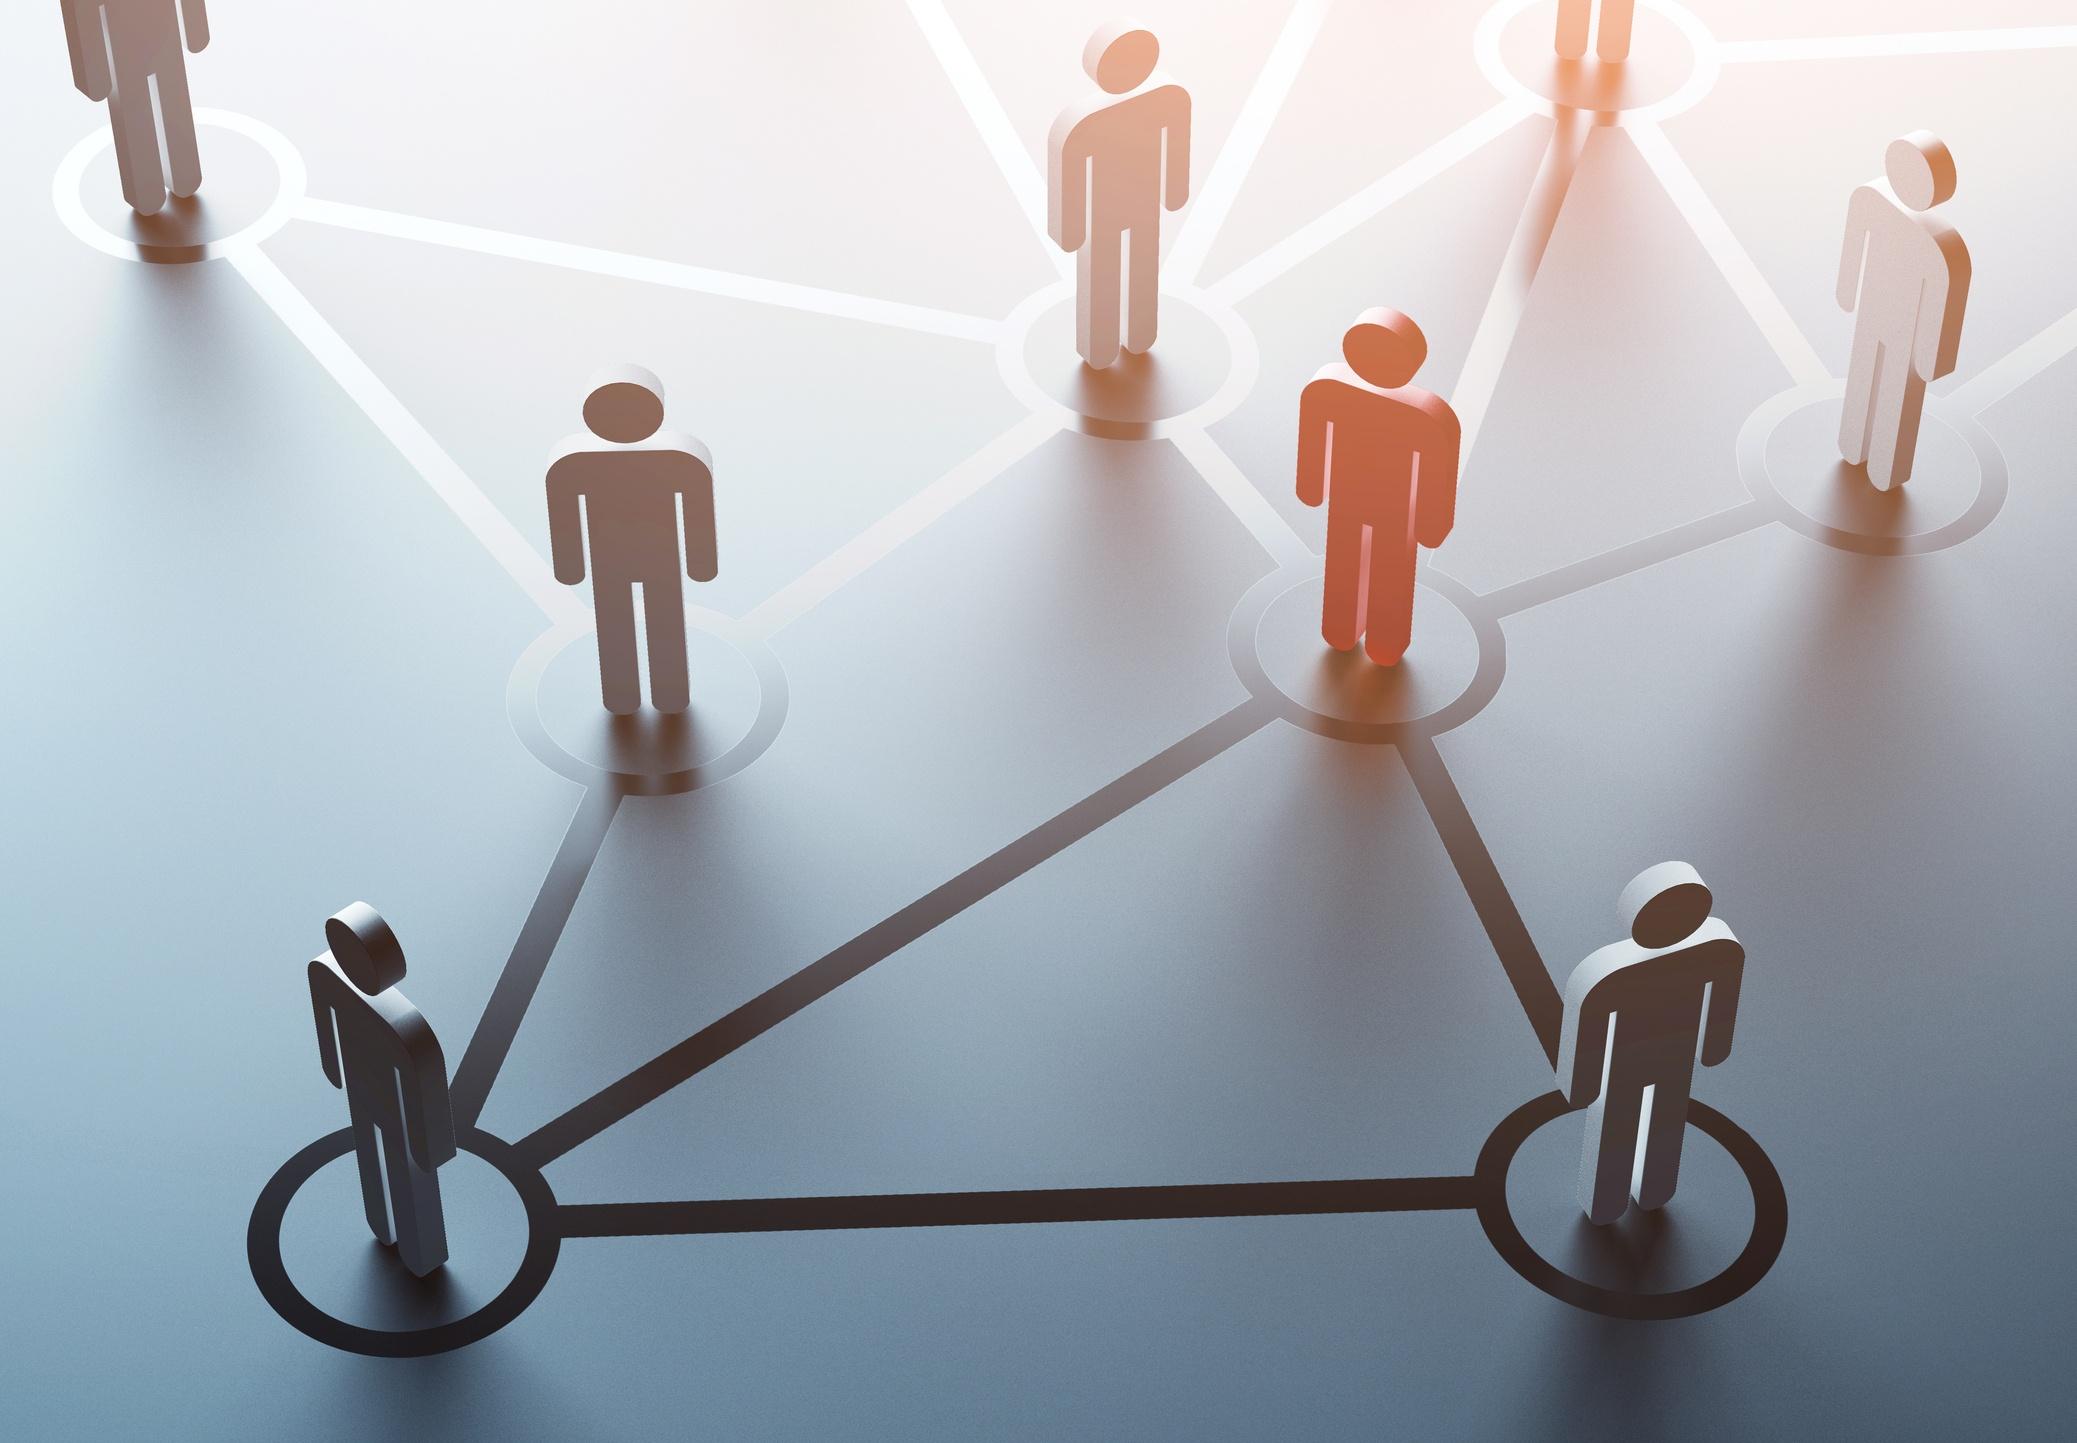 Olvídate del networking: conviértete en un conector